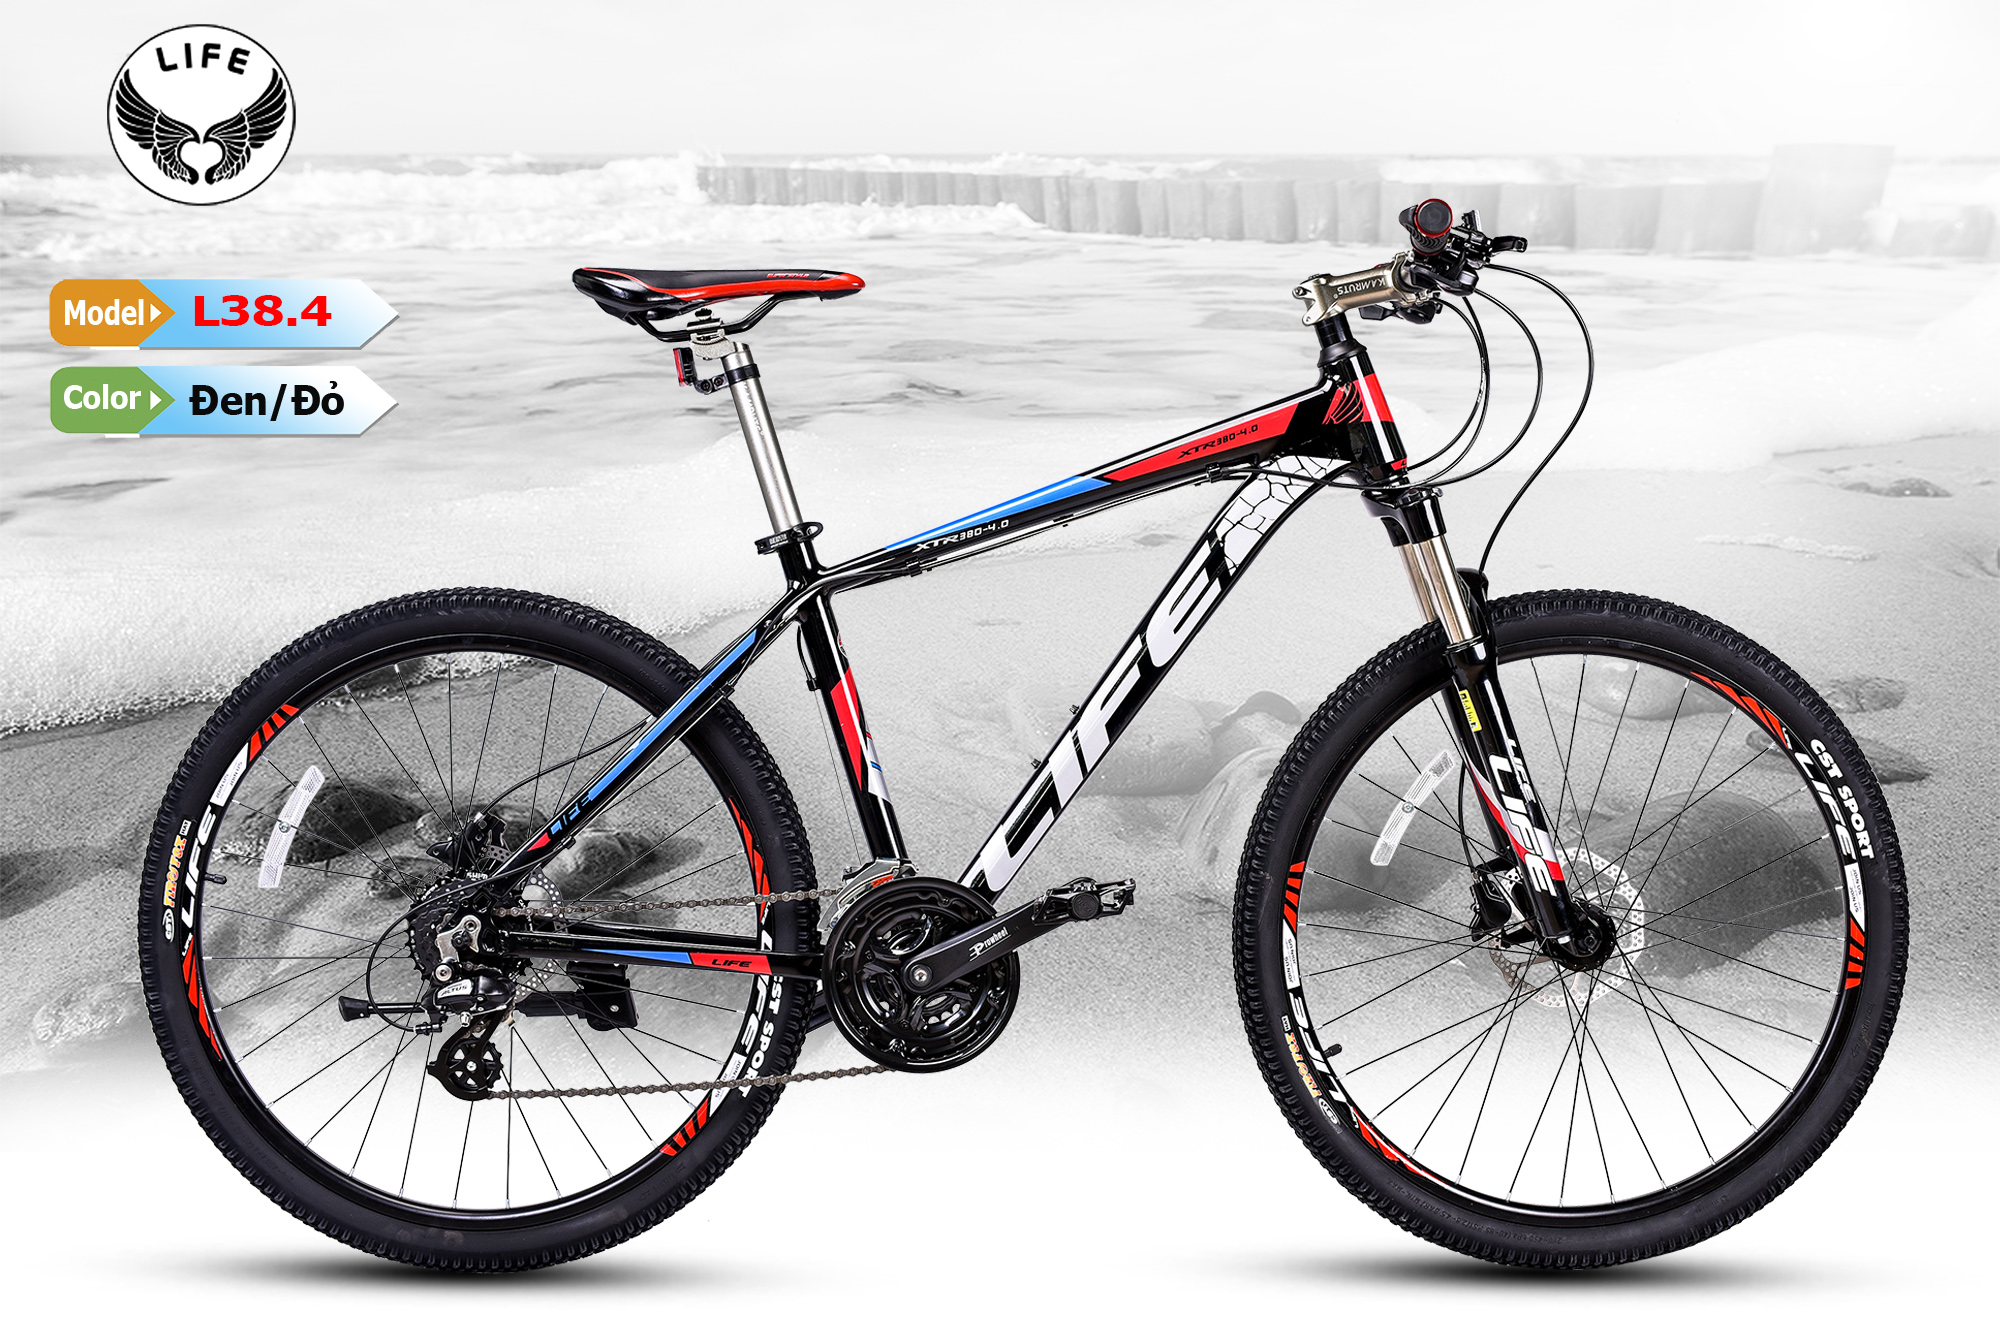 Xe đạp Life L38.4 đen đỏ